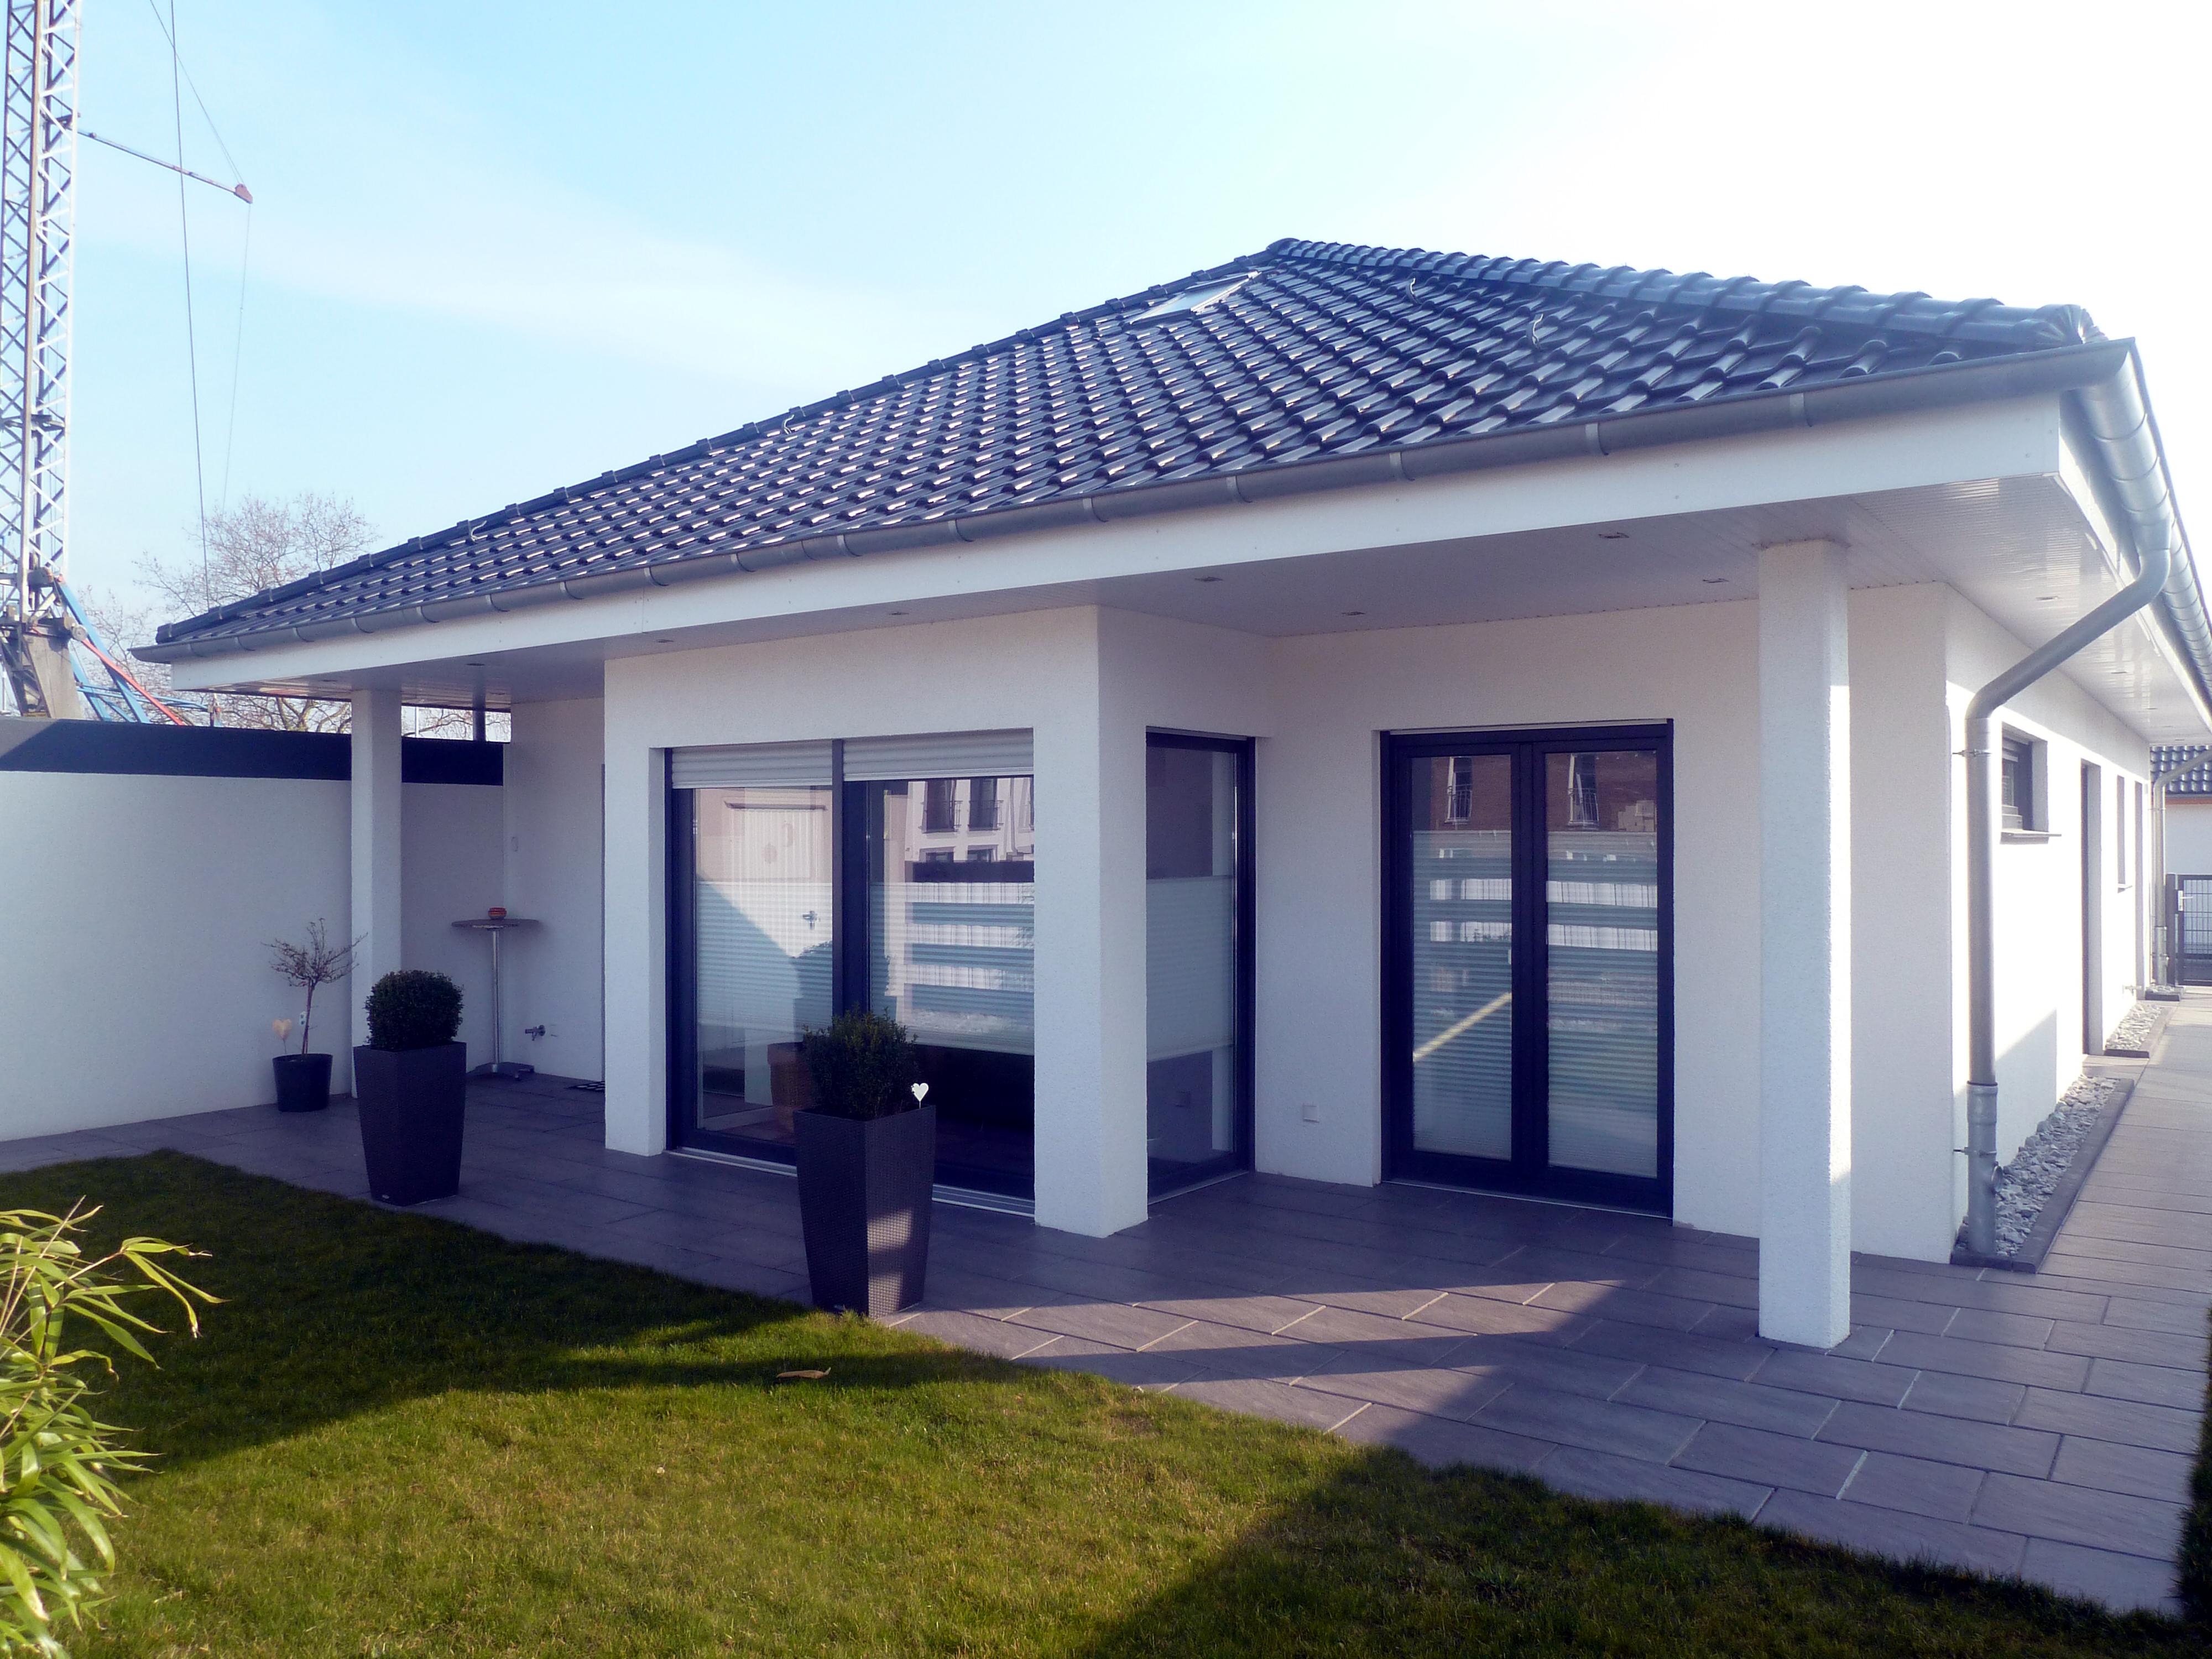 Architektin susanne wittenberg bungalow in waltrop datteln dortmund herten oer - Architekten bungalow ...